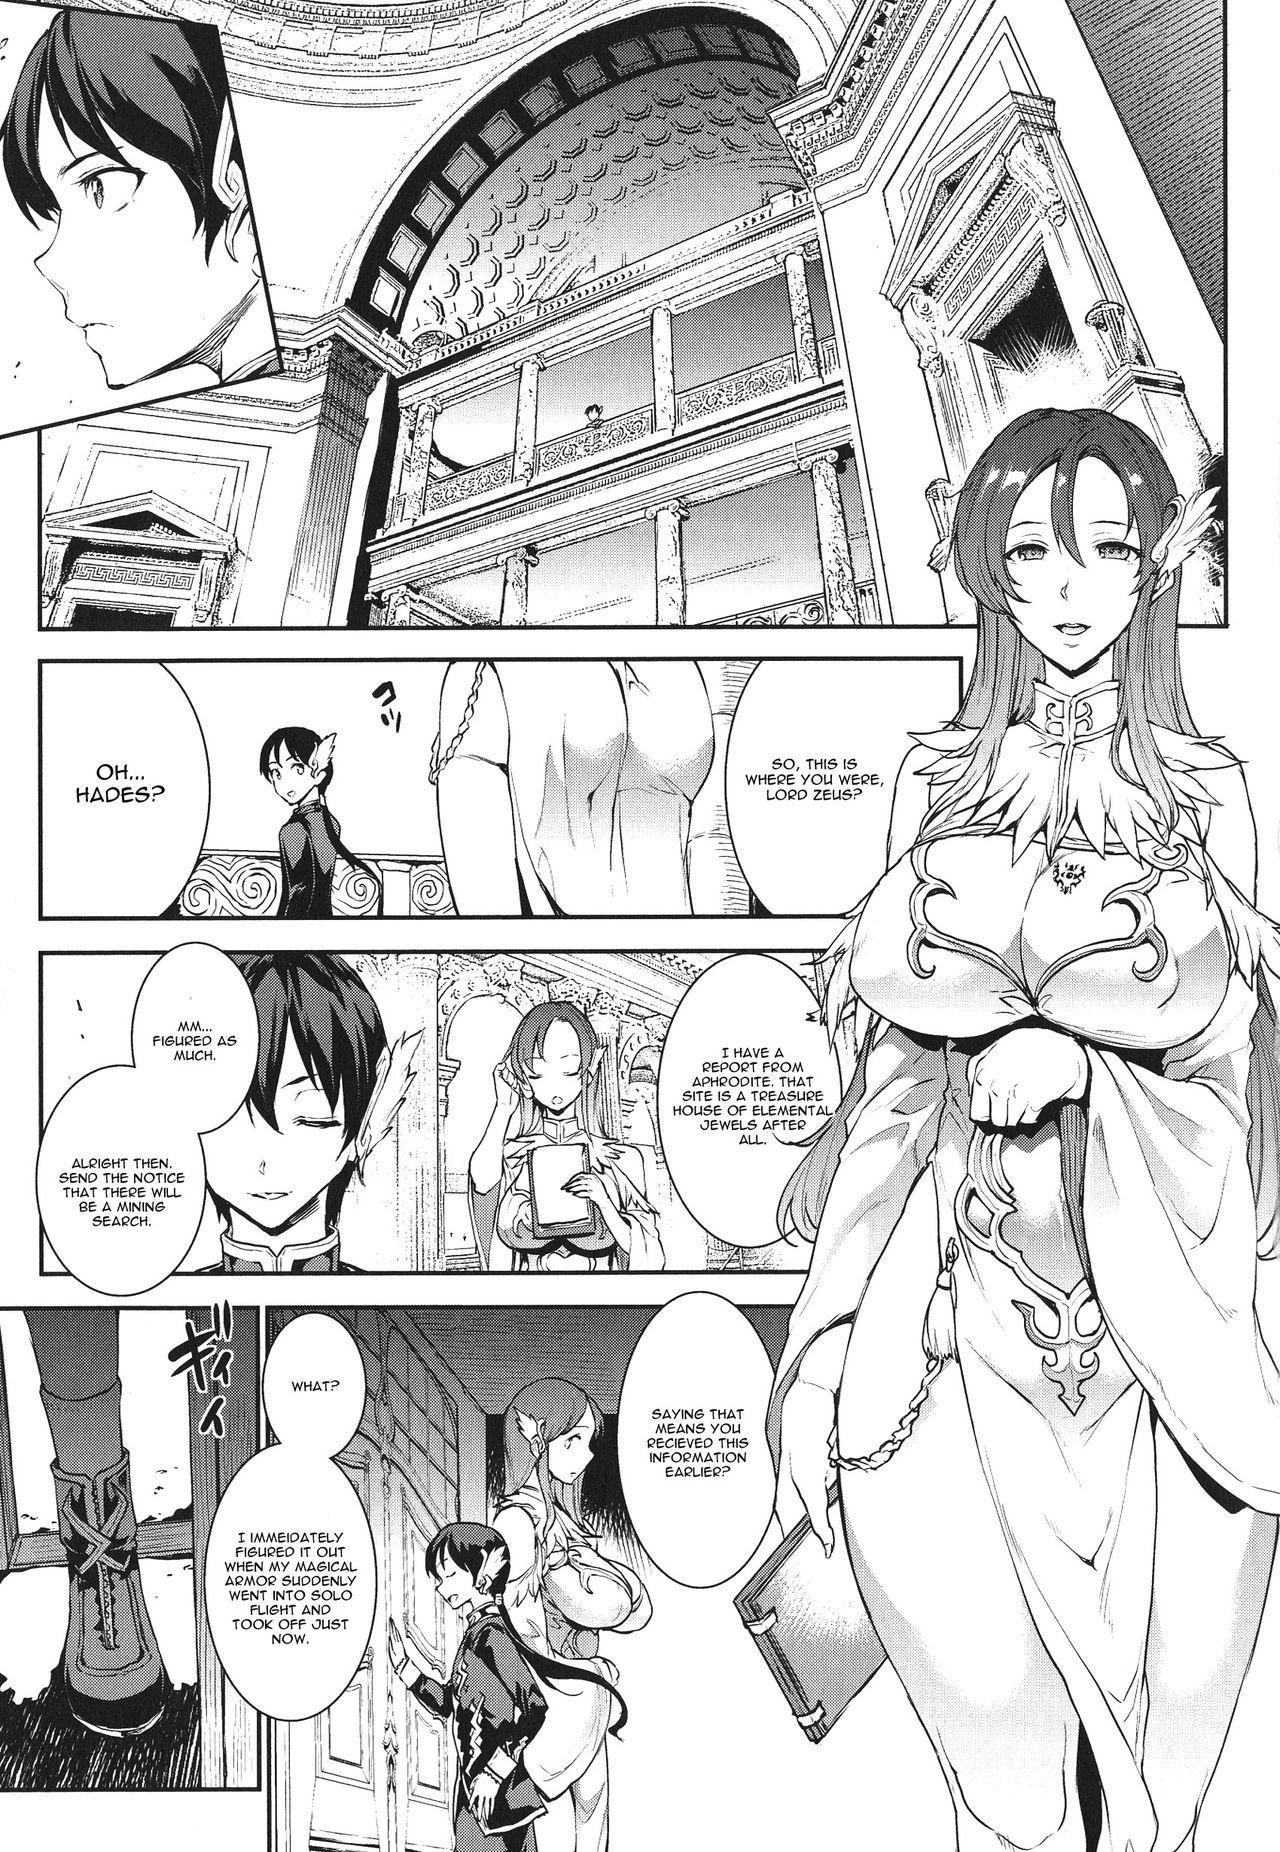 [Erect Sawaru] Raikou Shinki Igis Magia -PANDRA saga 3rd ignition- Ch. 1-6 [English] [CGrascal] 57